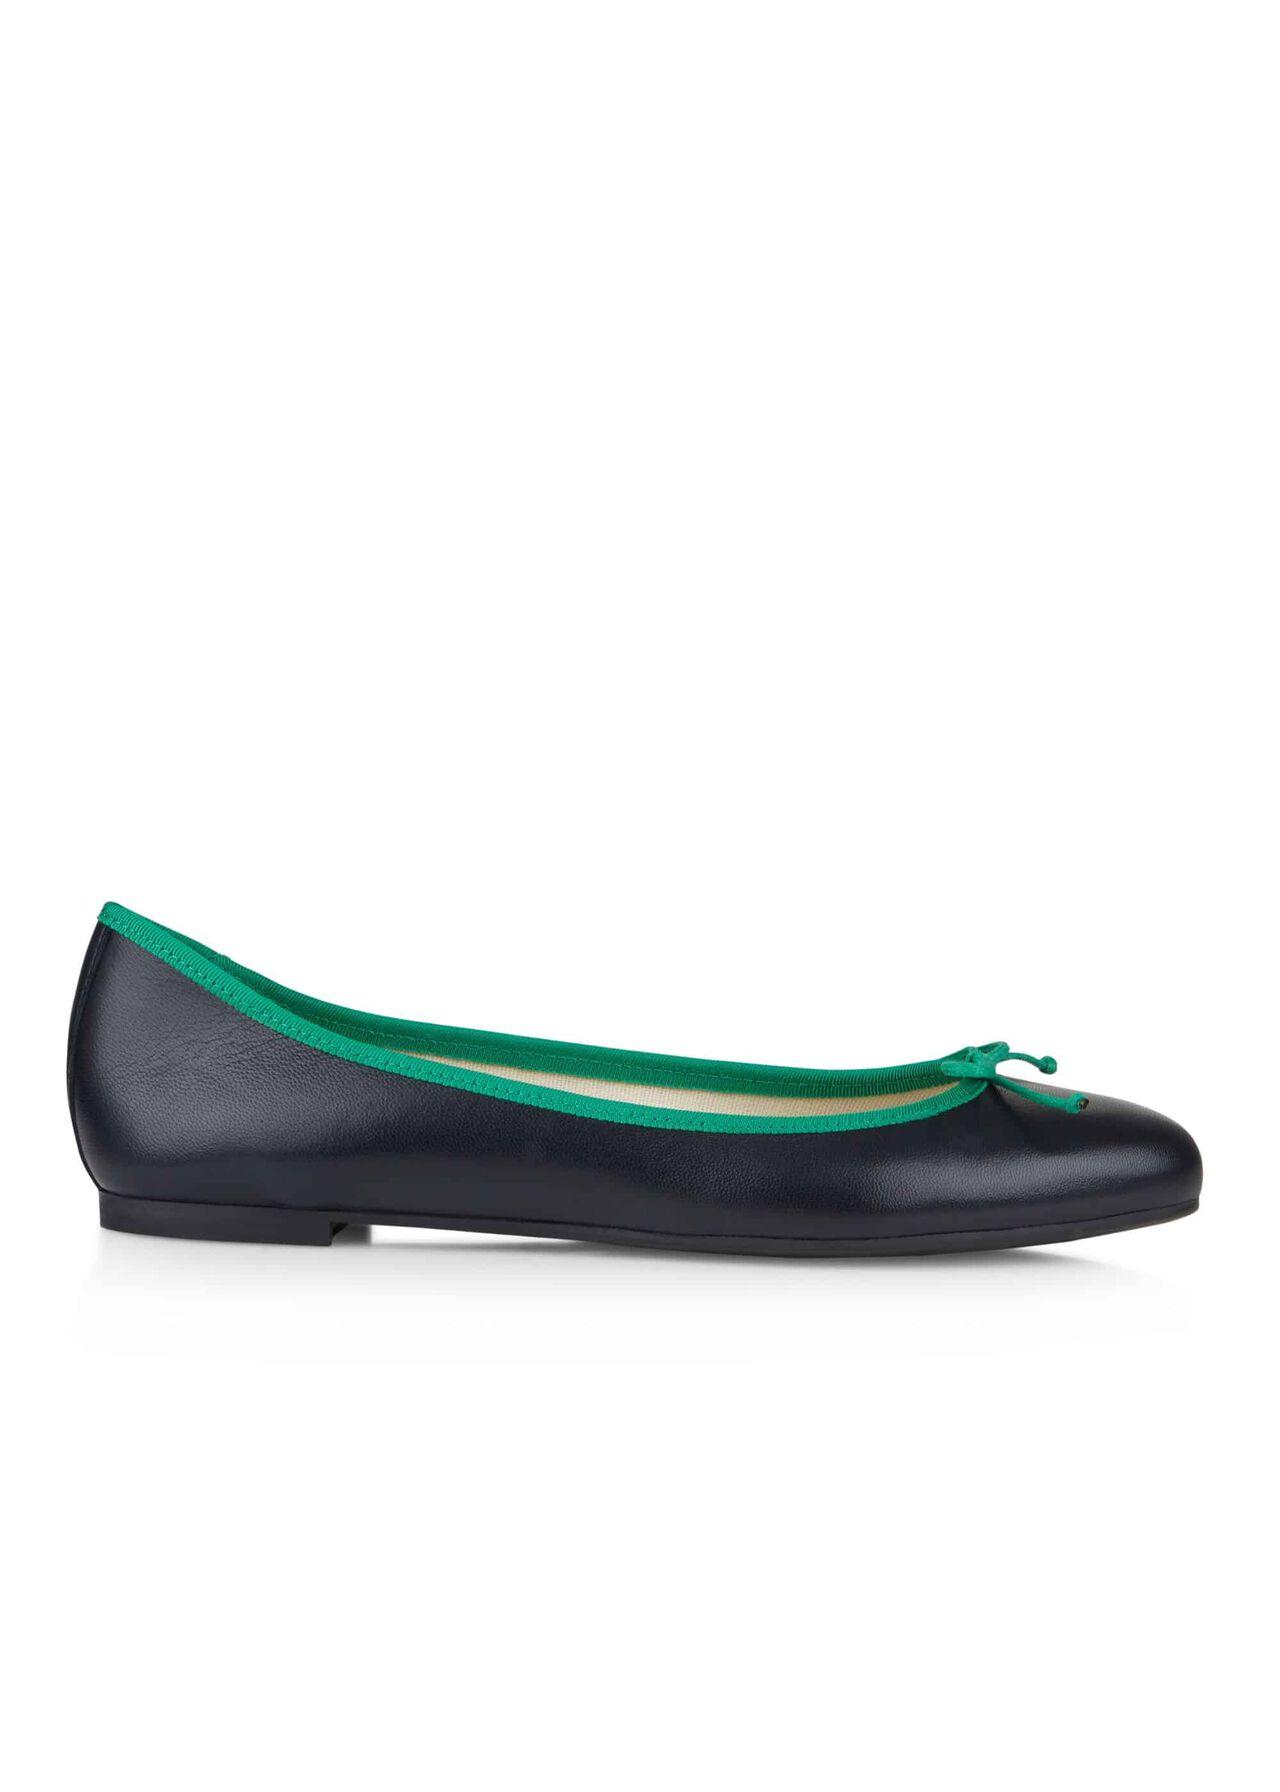 Flo Ballerina Navy Green